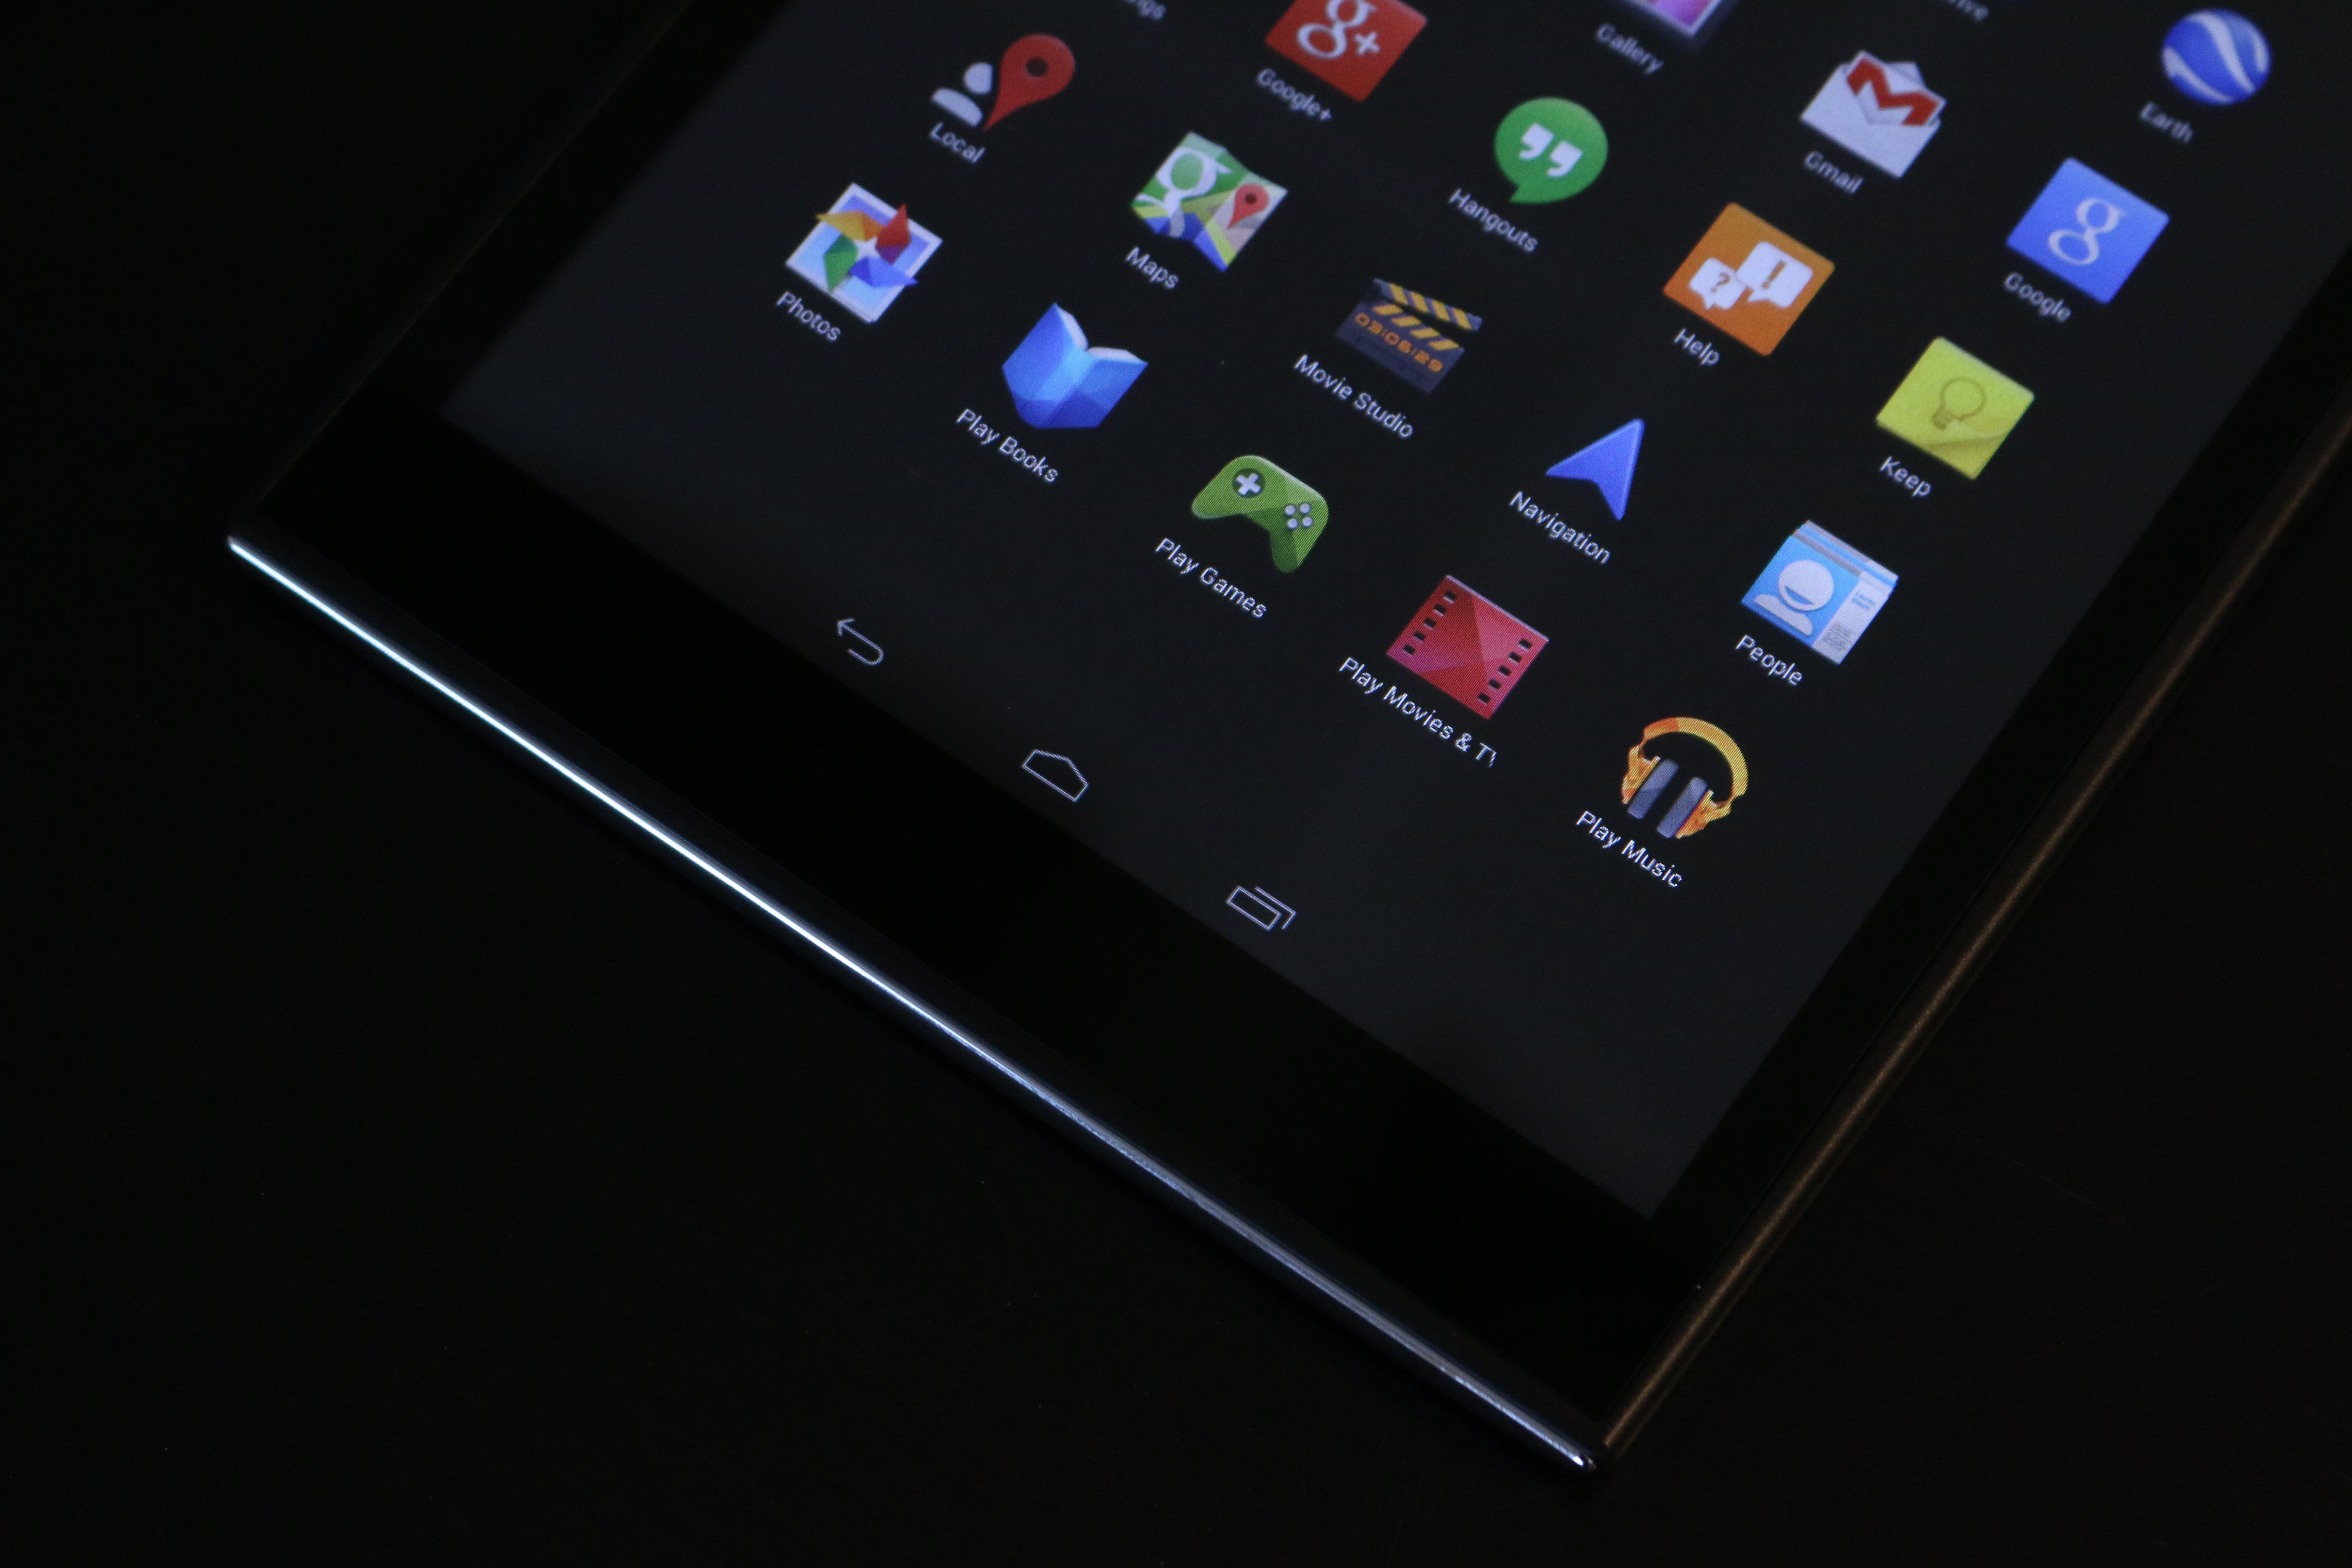 gigaset qv830 quadcore tablet mit 8inch 4 3 display im hands on erste eindr cke video. Black Bedroom Furniture Sets. Home Design Ideas